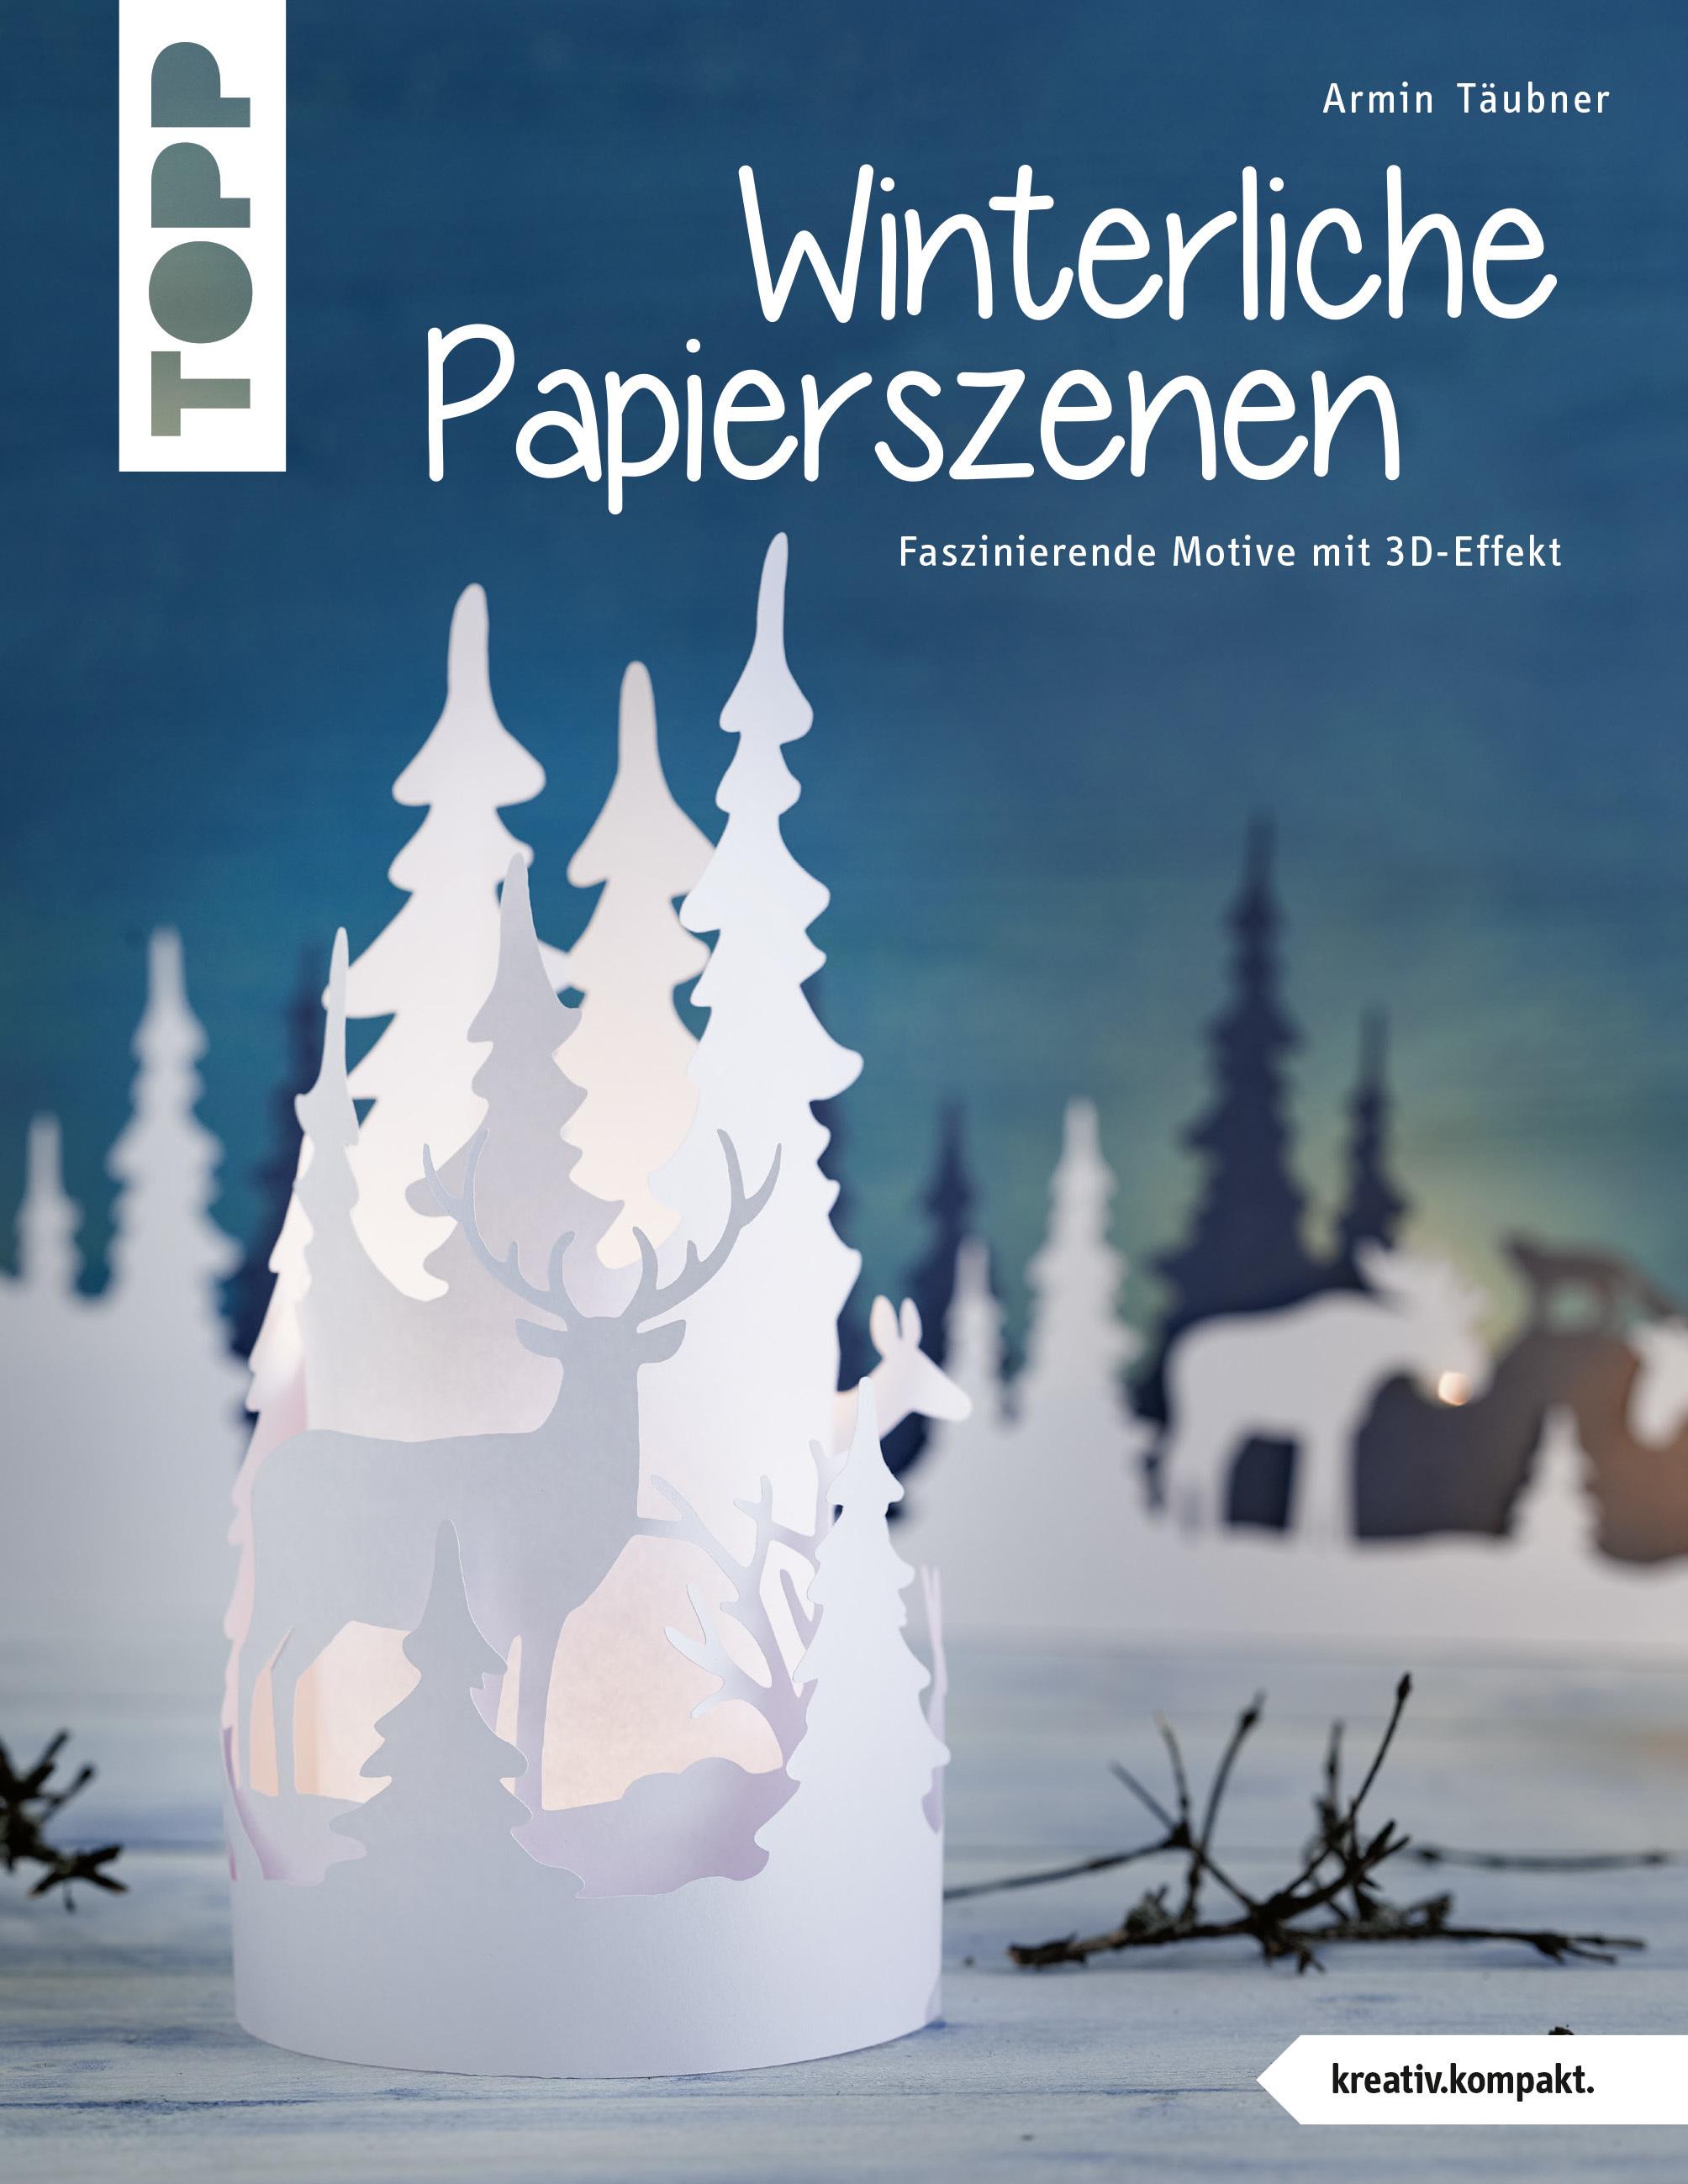 Winterliche Papierszenen Scherenschnitt Weihnachten Winter Krippe